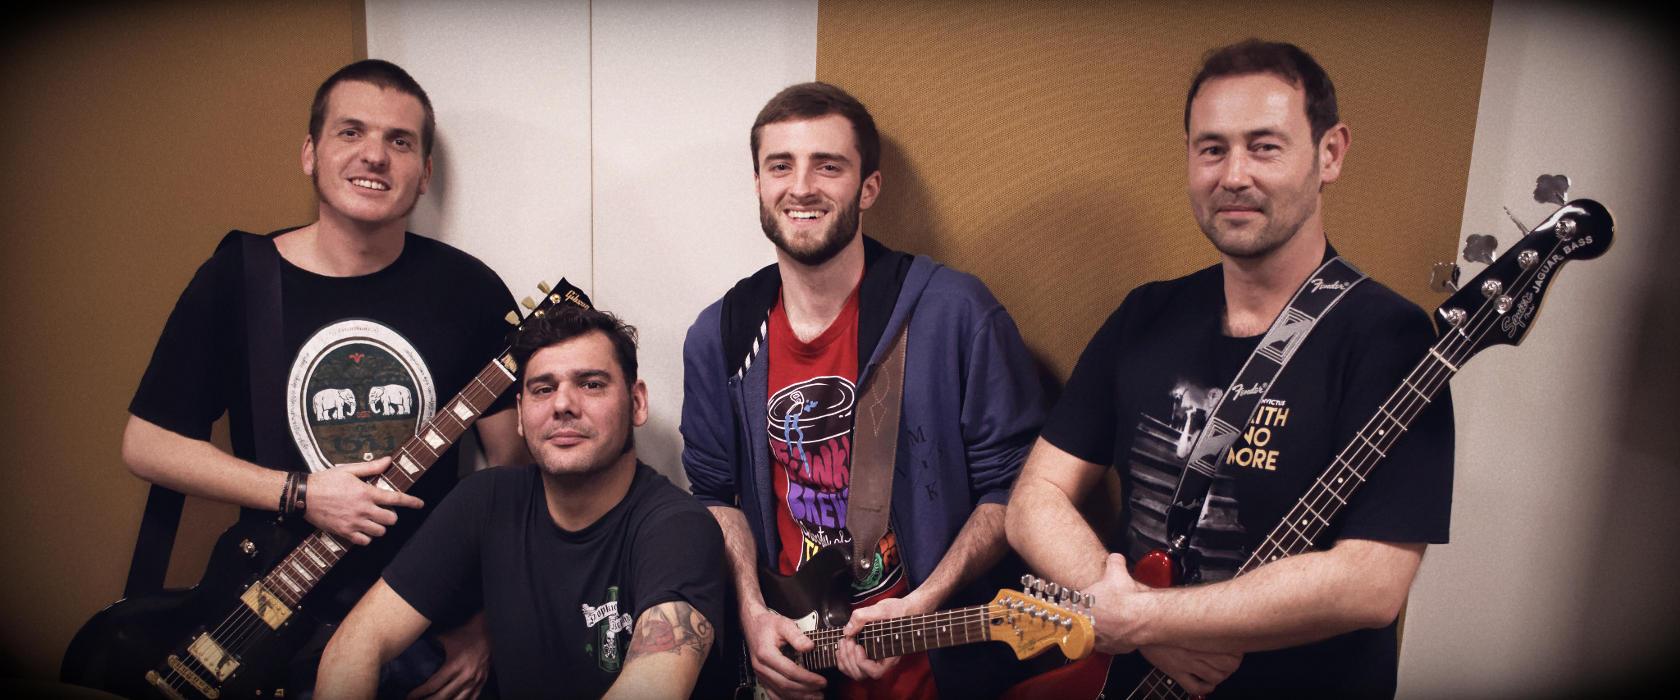 Répétition groupe de musique